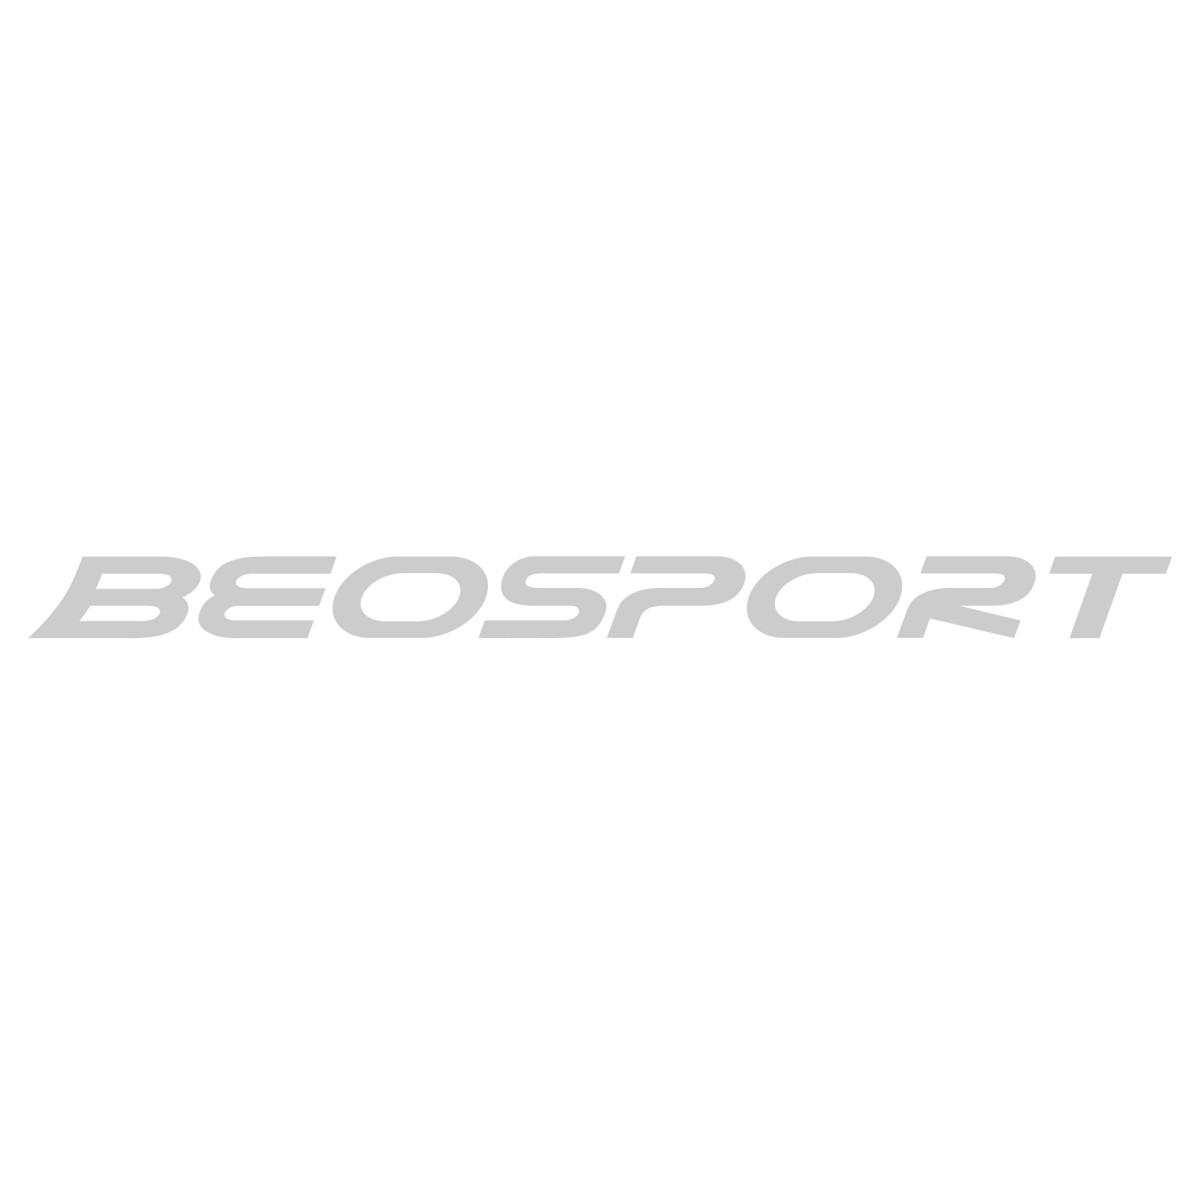 Wilson Roland Garros Dampener vibrastop